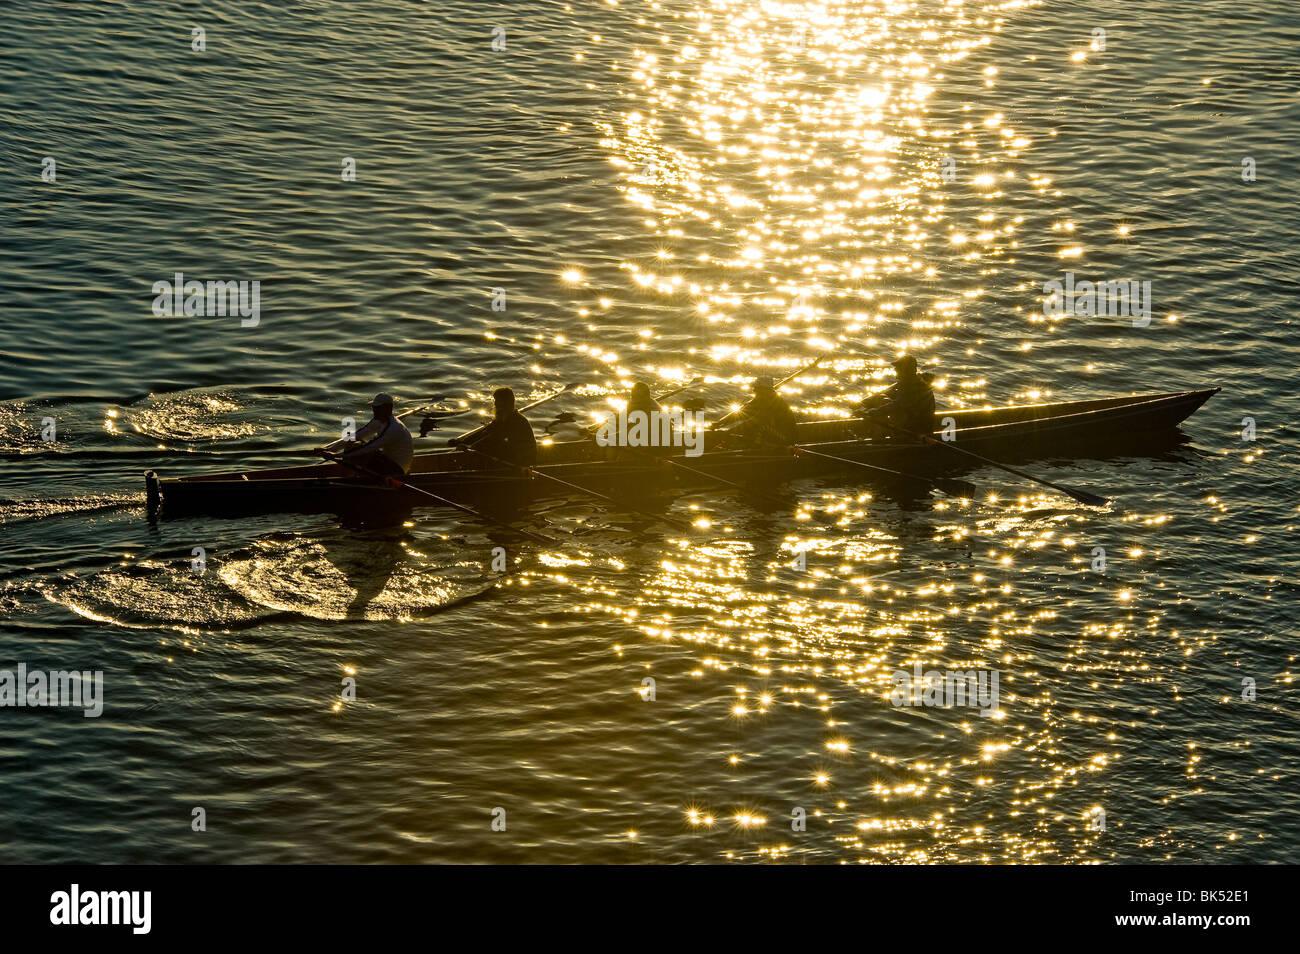 Rematore rower sculler fila sport a remi paddle paddling al tramonto tramonto della luce del sole soleggiato acqua Immagini Stock